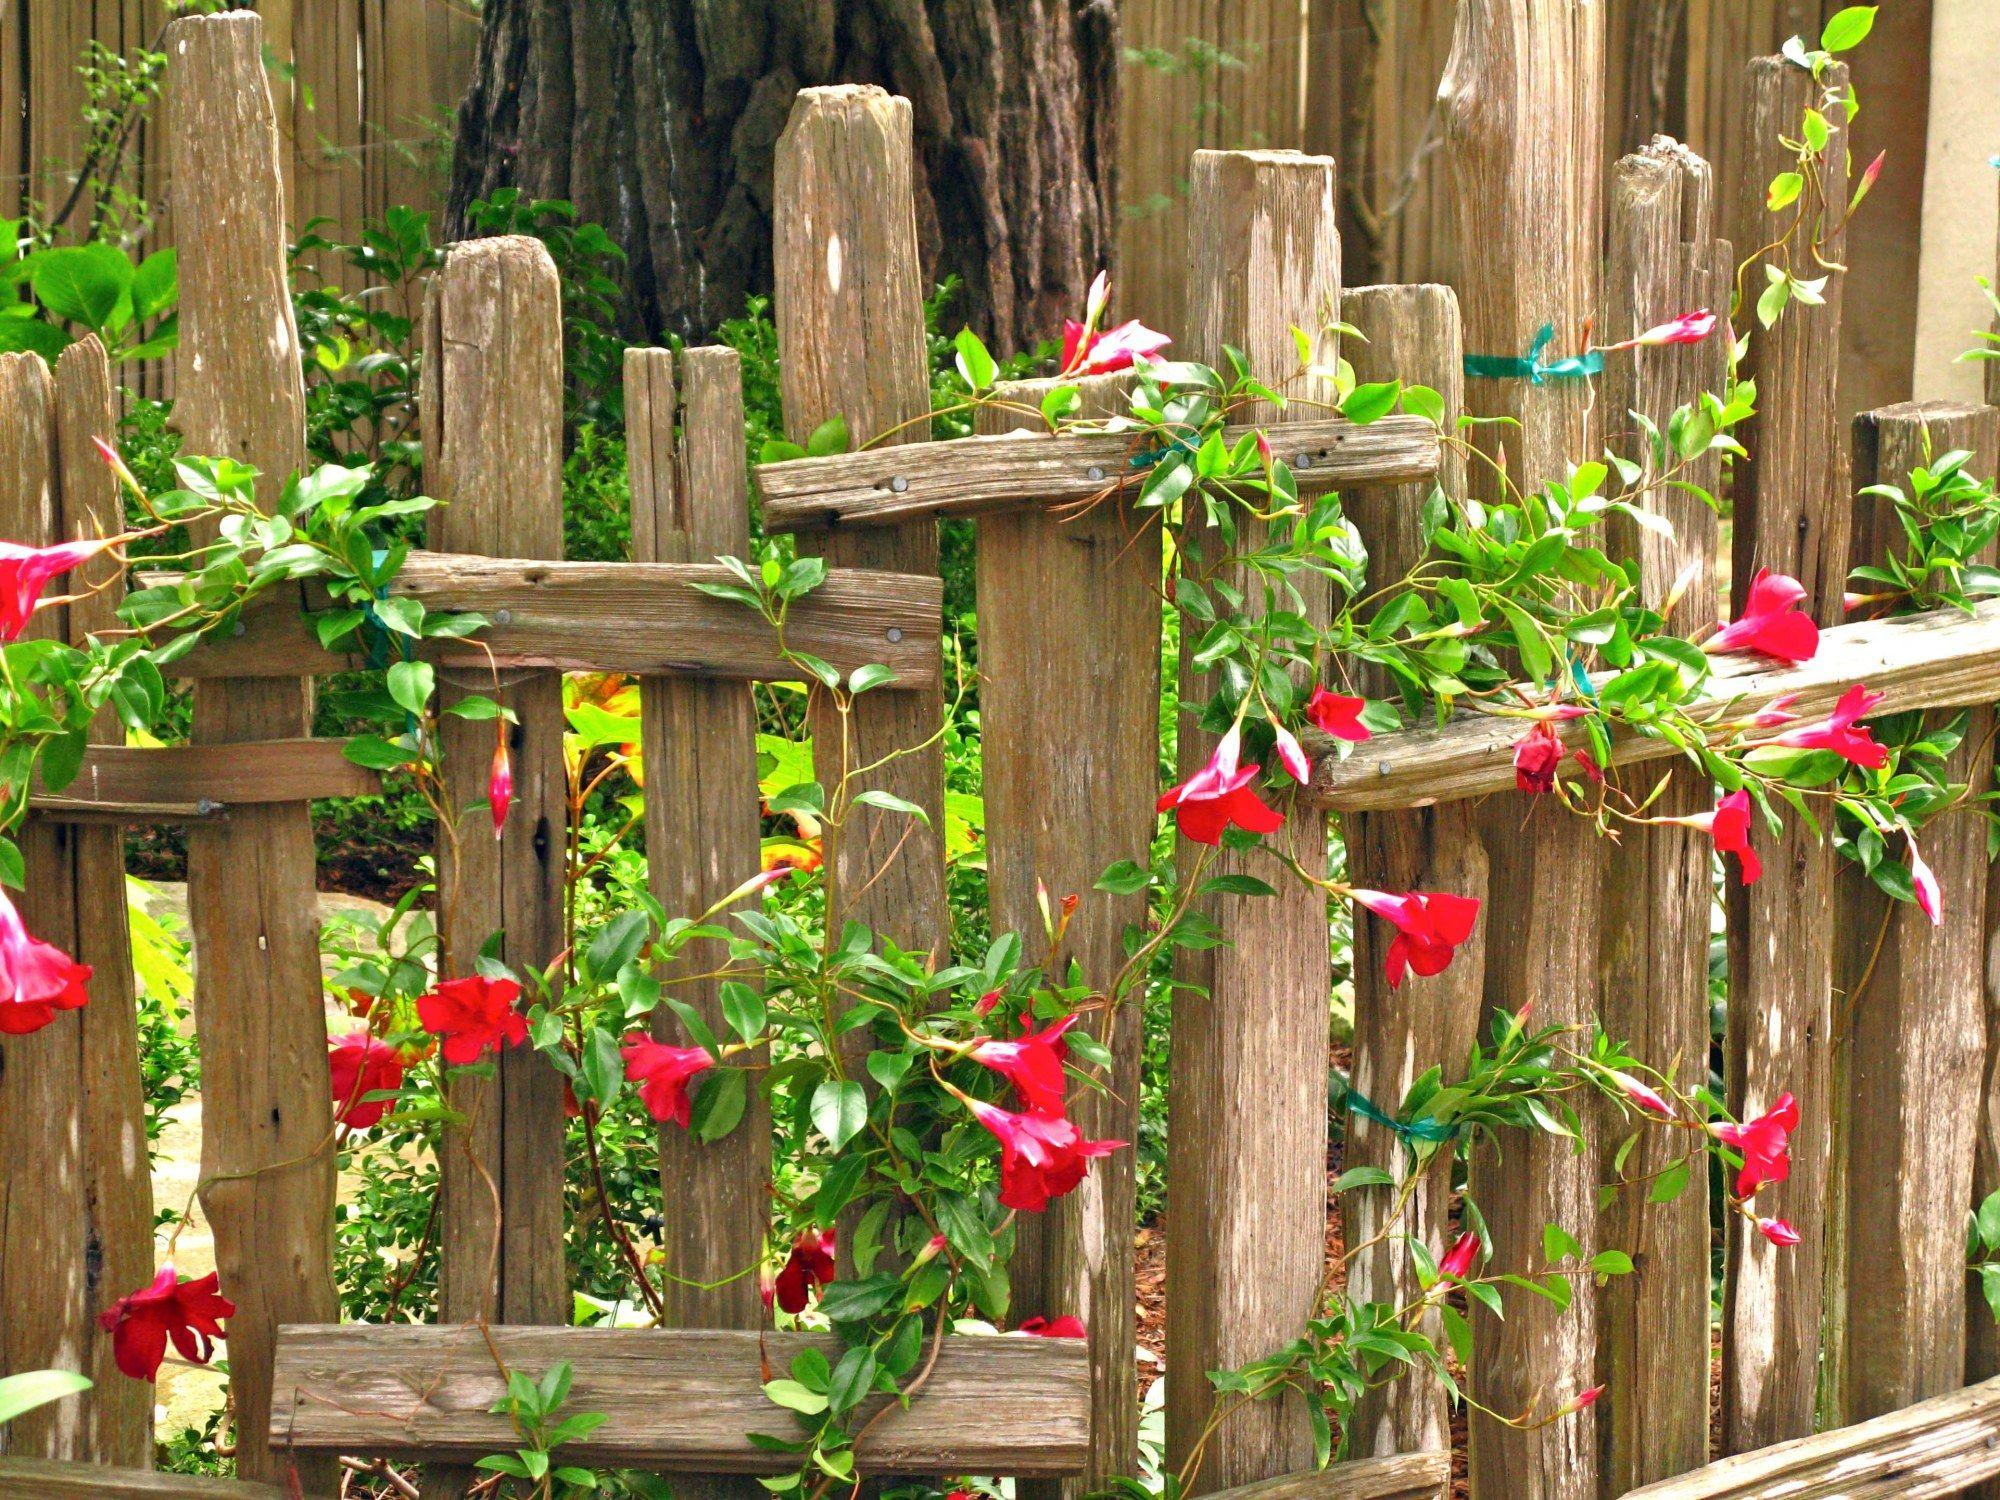 заводе как украсить забор из дерева фото тесто для